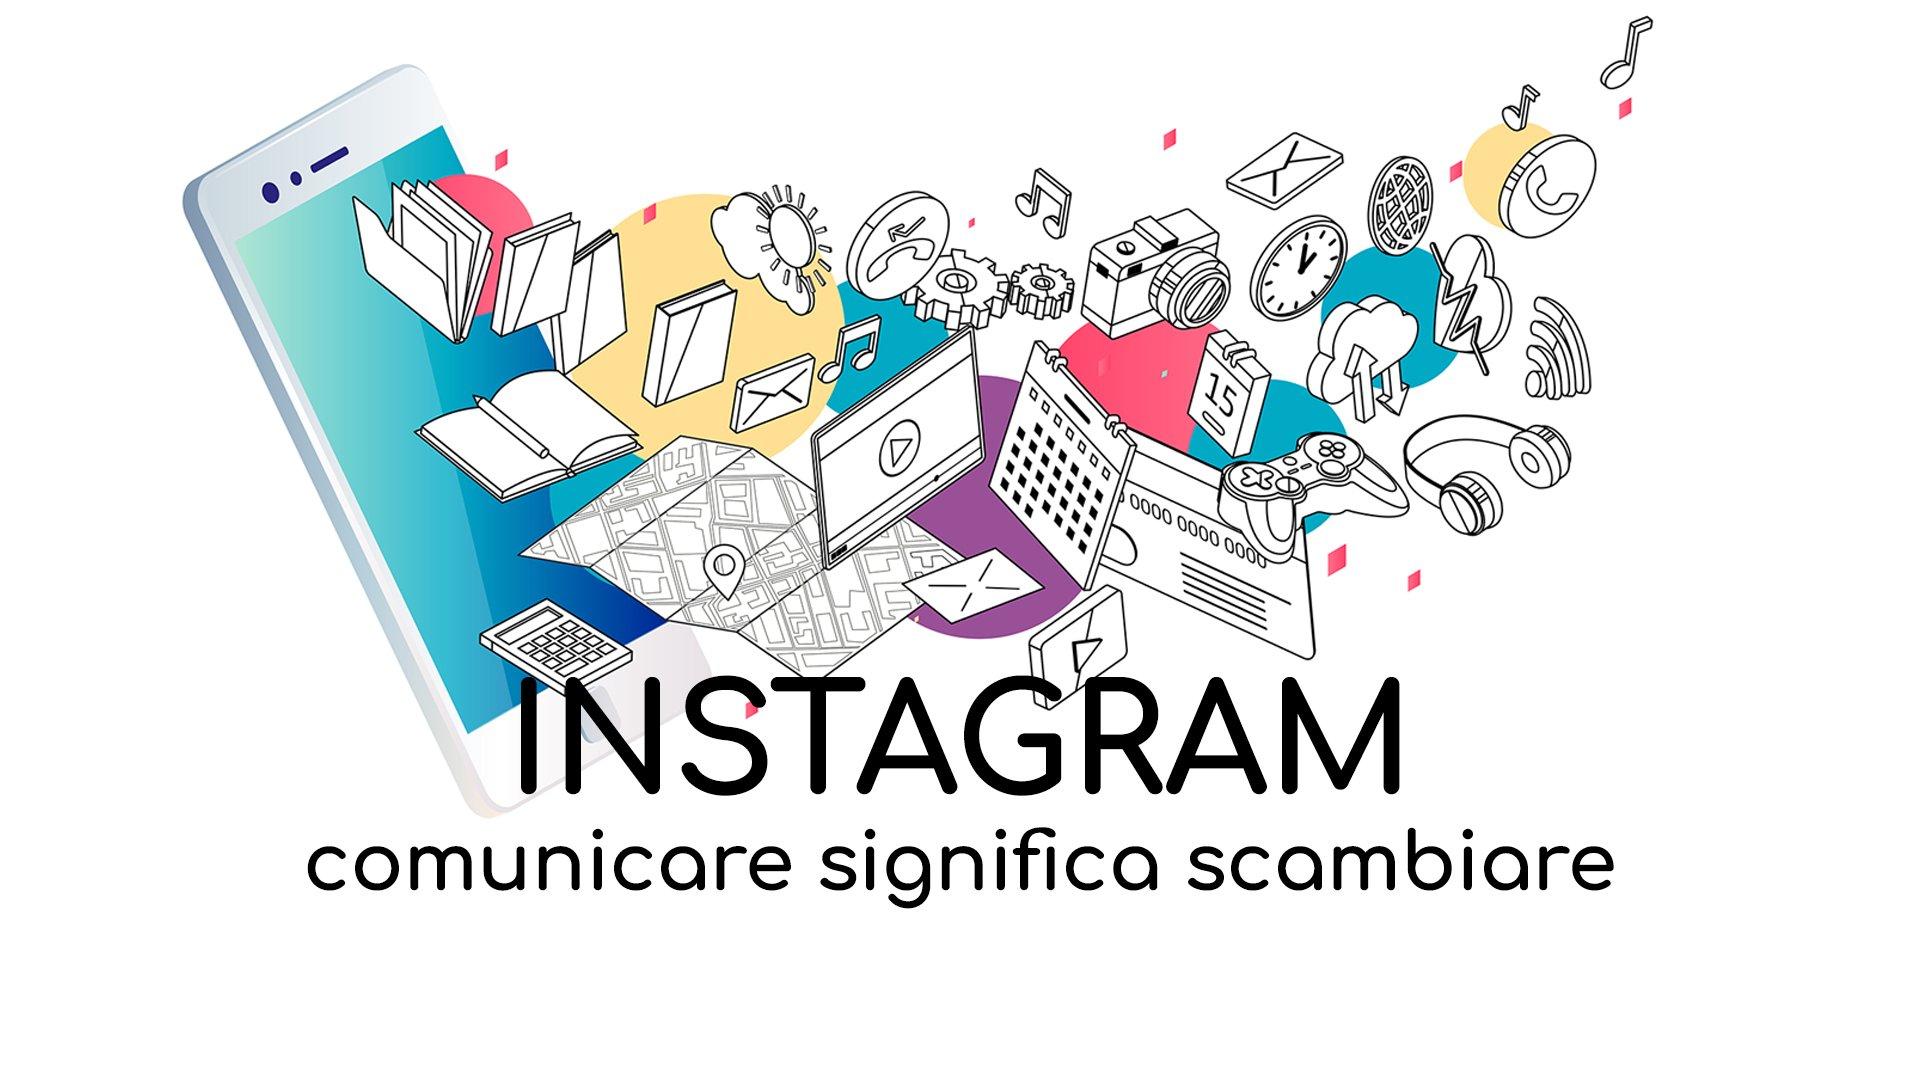 Loomen Studio Agenzia Comunicazione Roma - Social Media Instagram - Comunicare significa scambiare